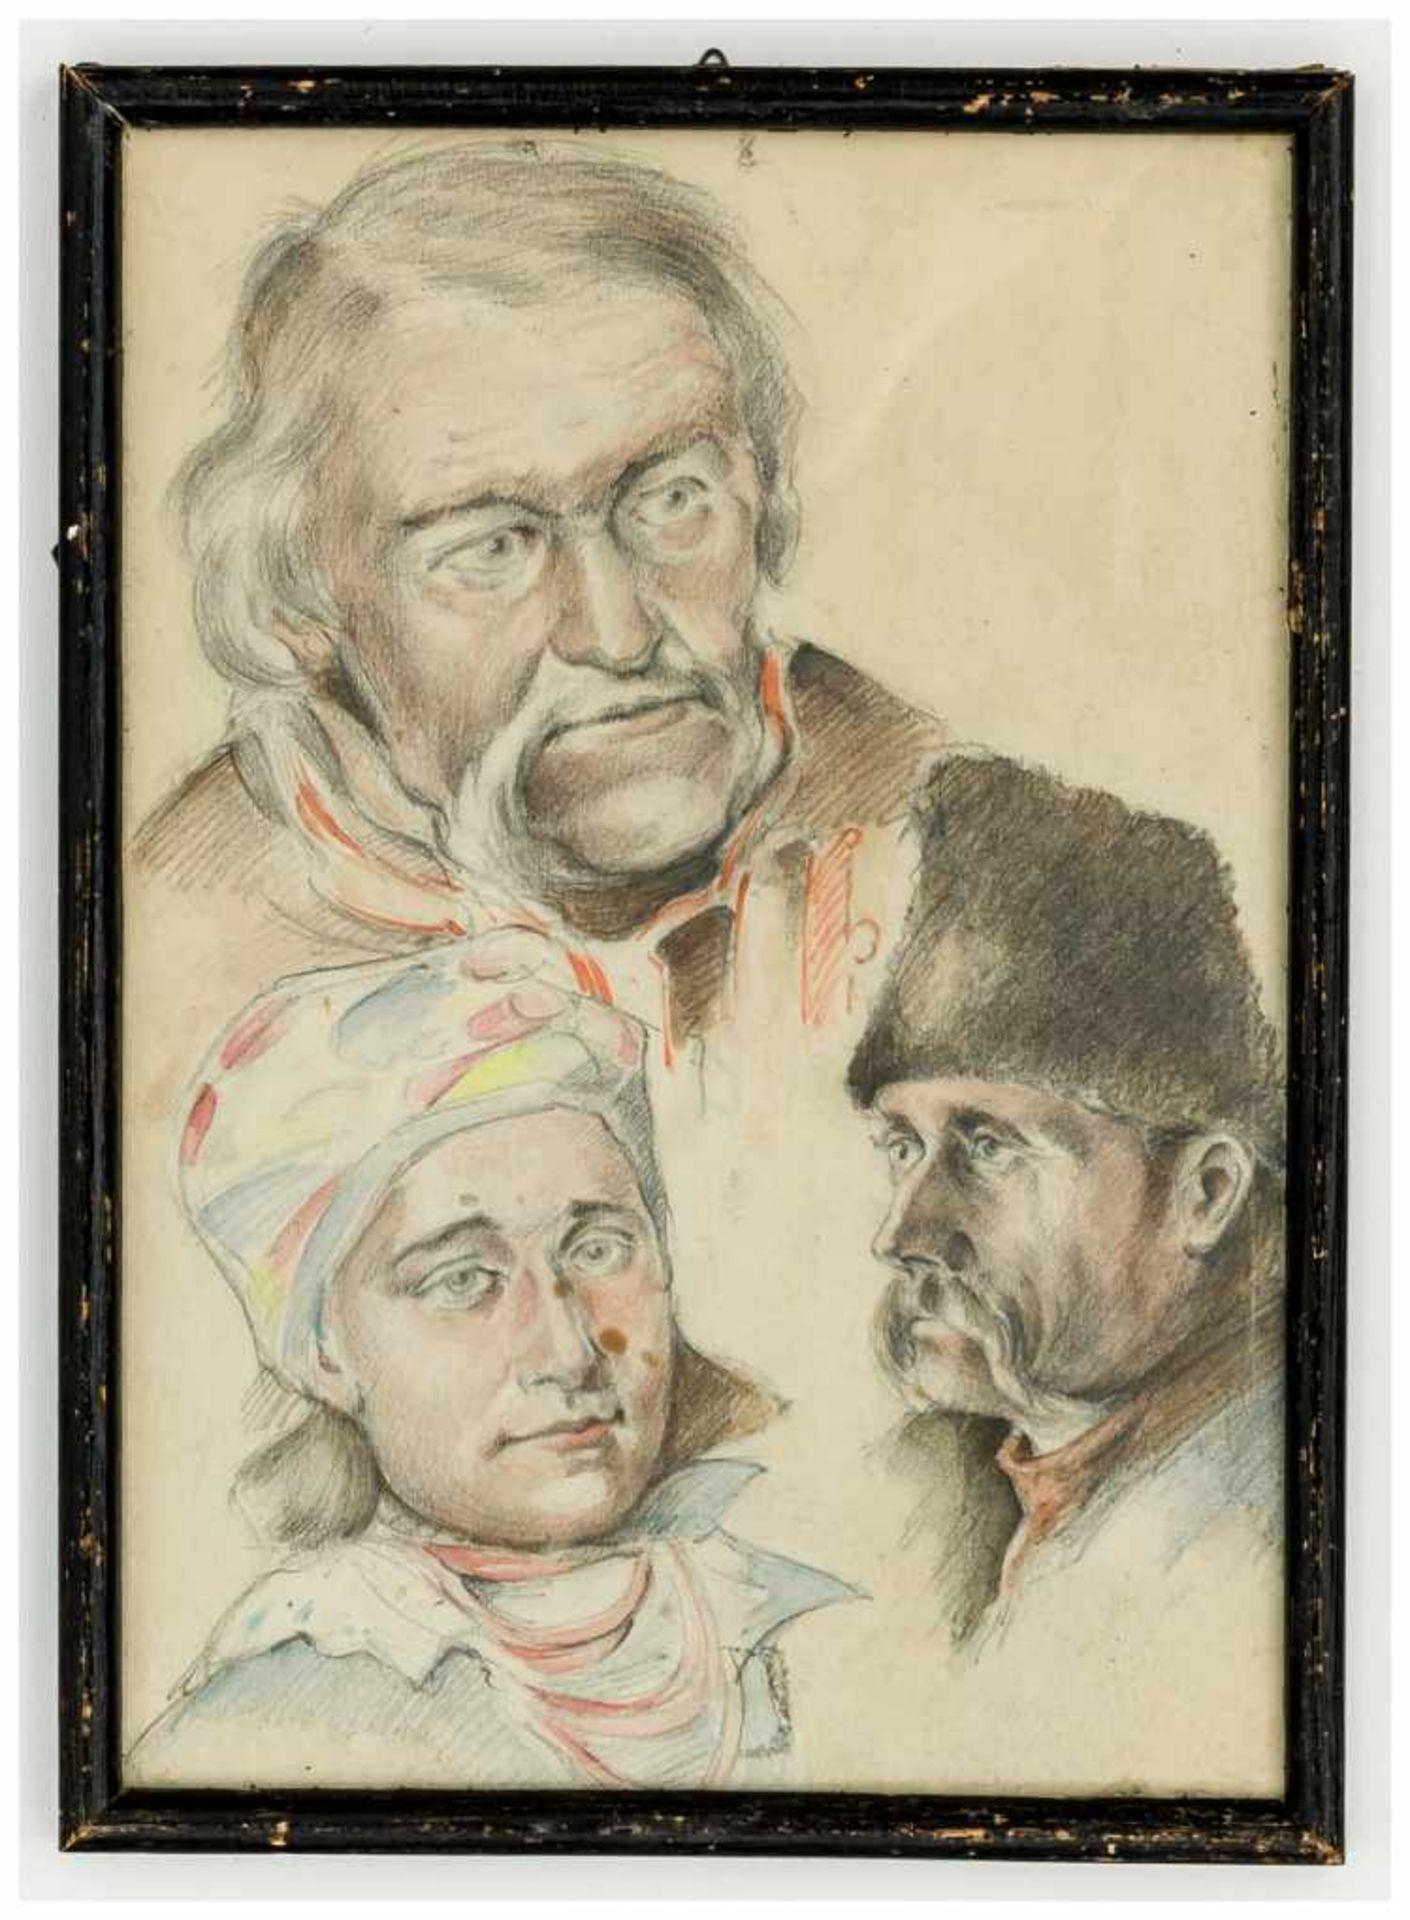 Los 57 - Ukrainische Portraits Kolorierte Bleistiftzeichnung, 20. Jh. Rahmen: ca. 28 x 20,5 cm Ukrainian